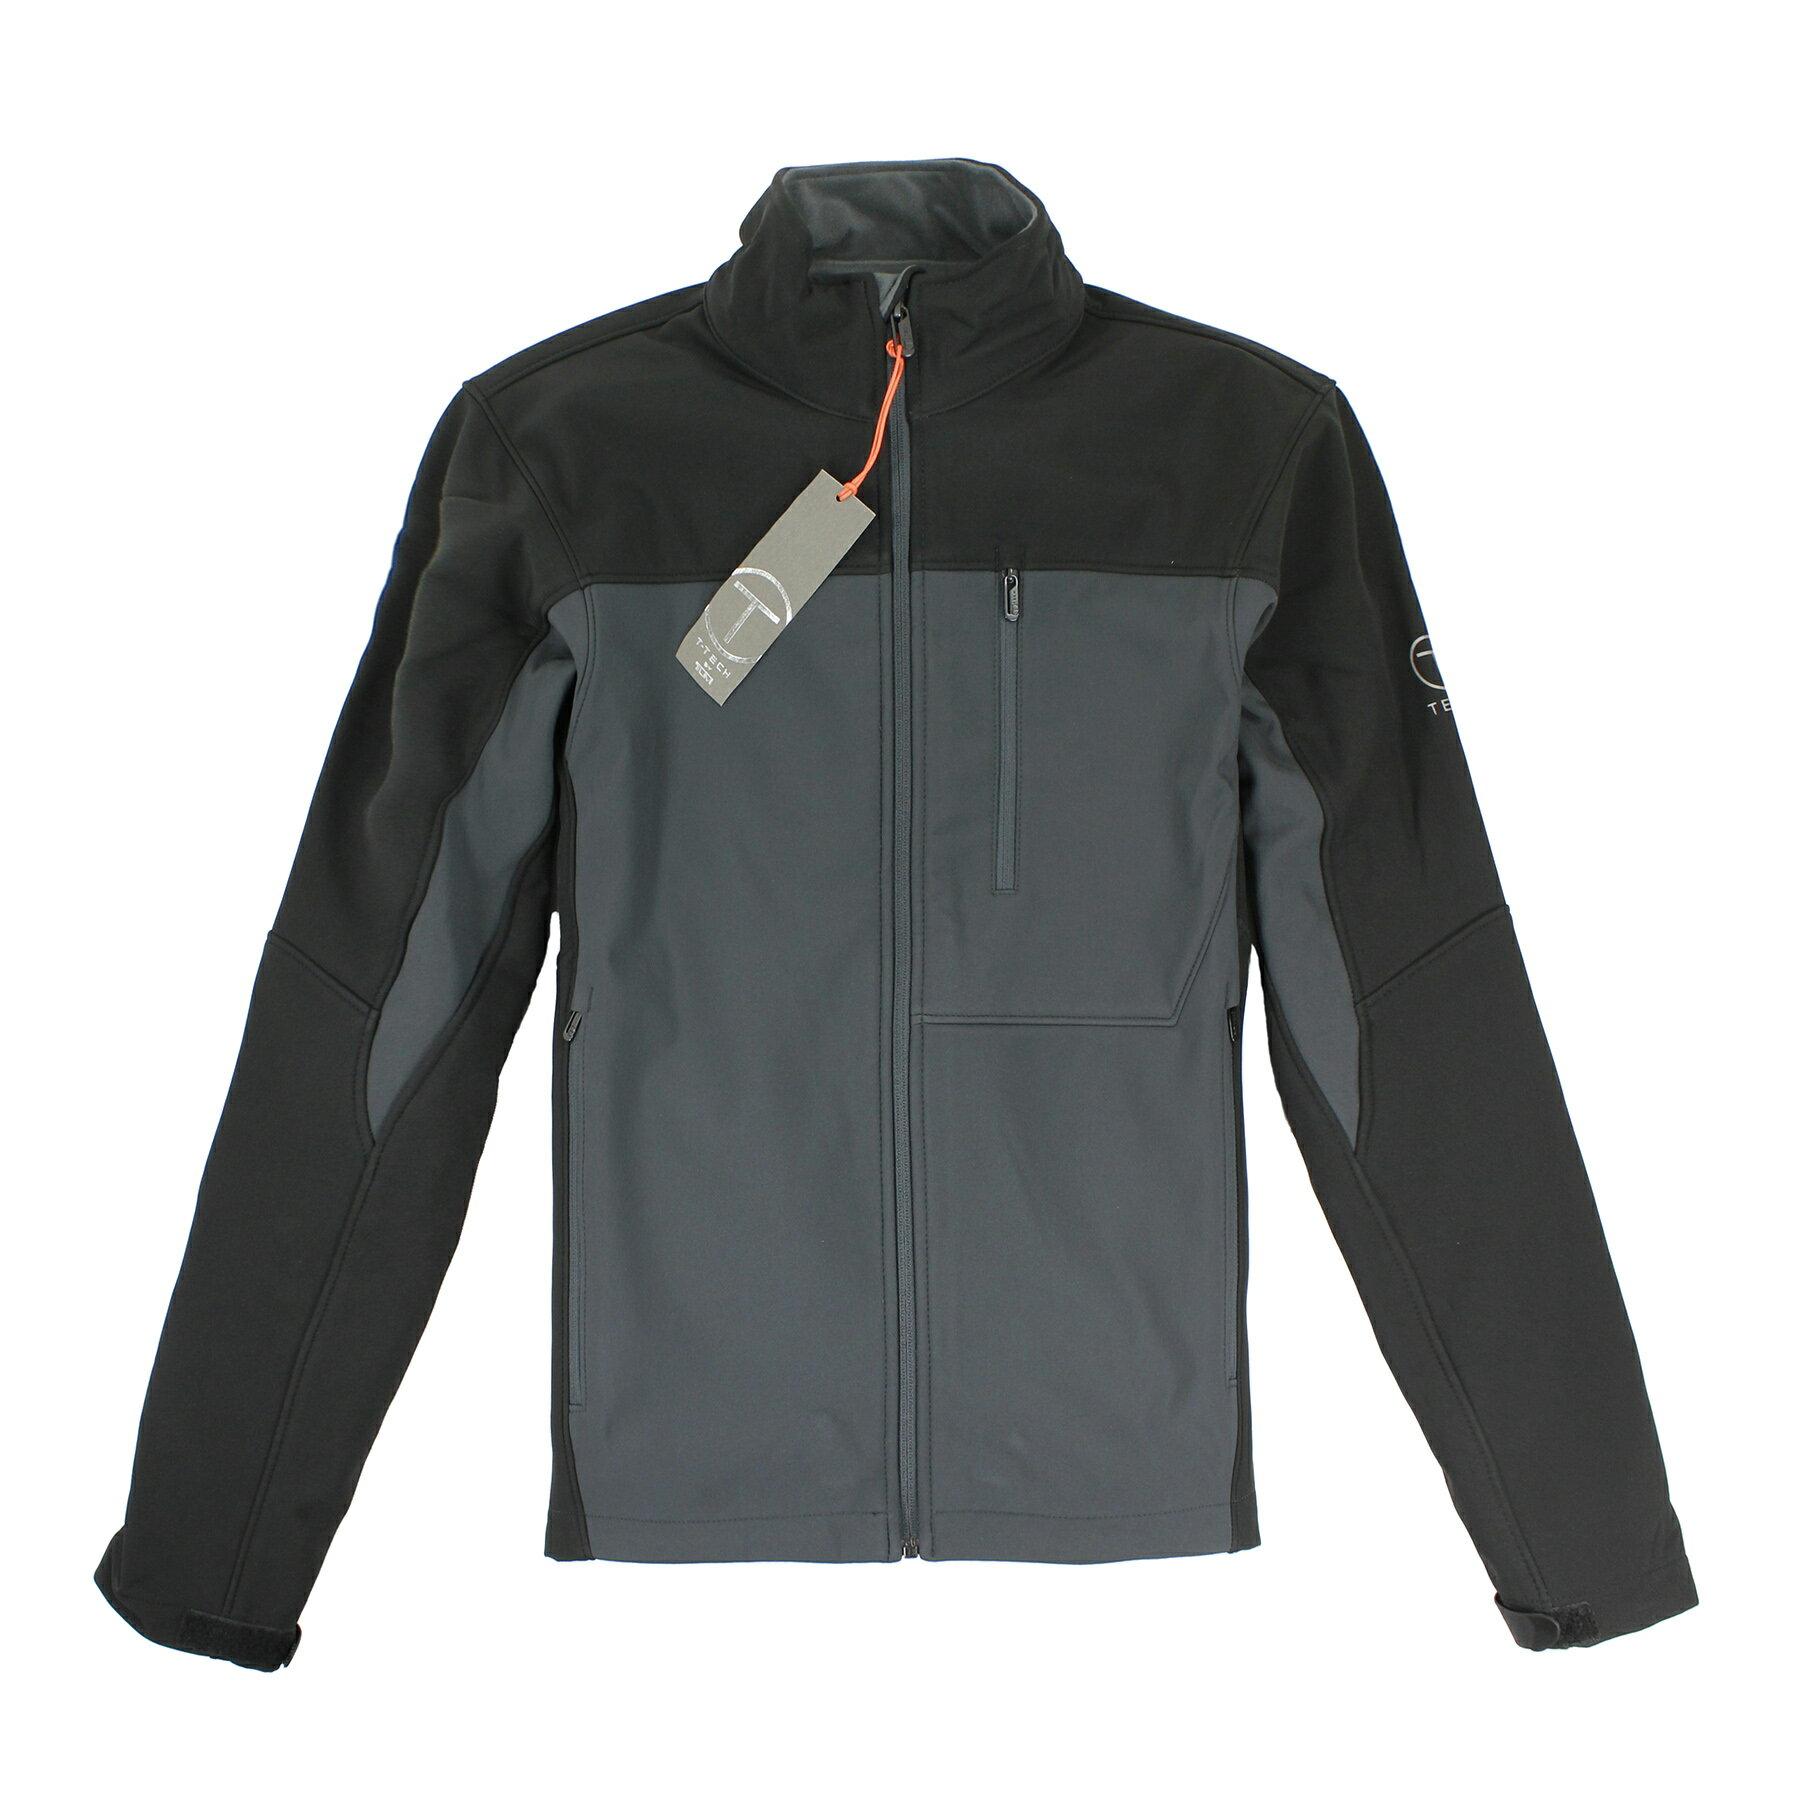 美國百分百【全新真品】Tumi 外套 立領 T-tech 防水 防風 軟殼 鋪棉 刷毛 黑 灰 S M XL E353